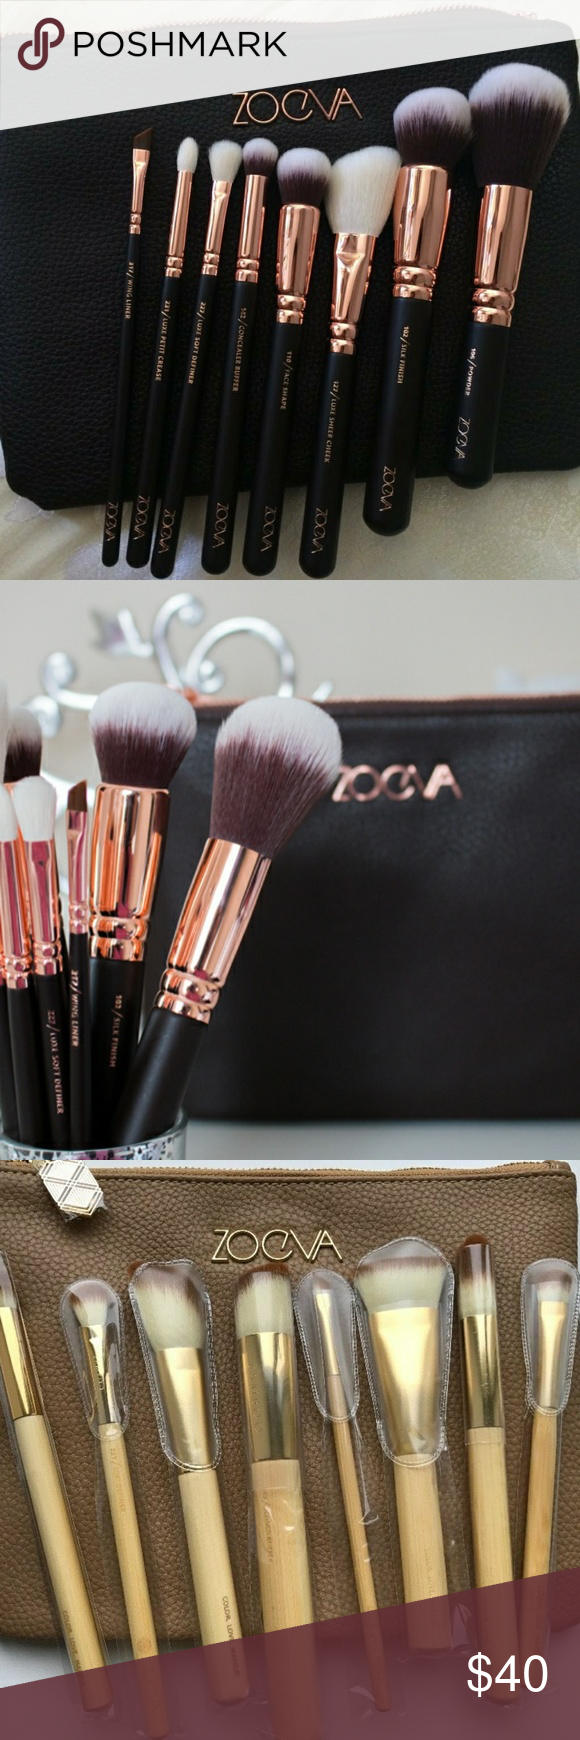 Zoeva Luxury Brush Sets (8 pcs) NWT (With images) Brush